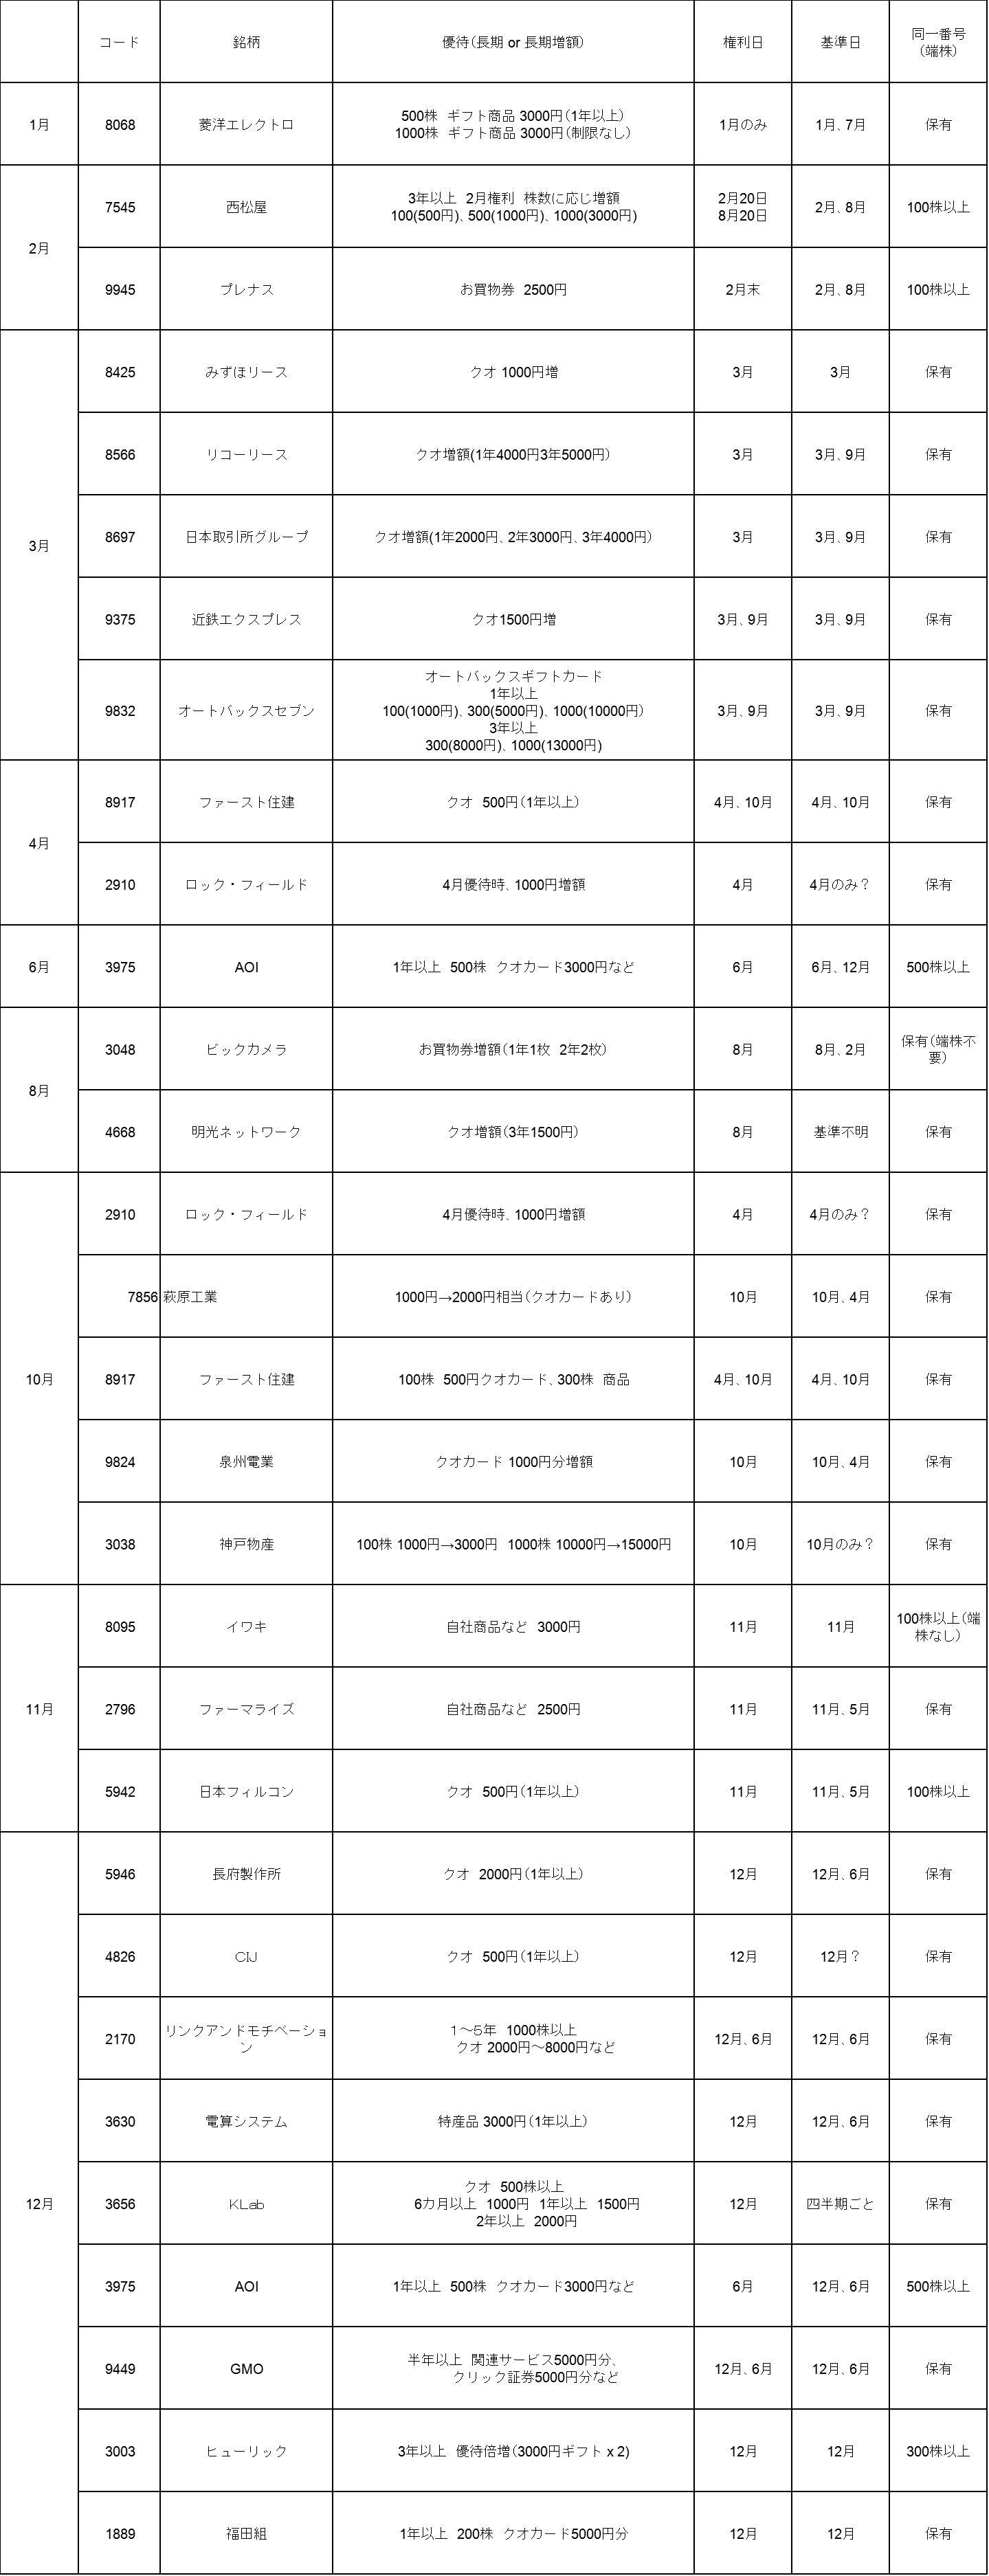 端株リスト